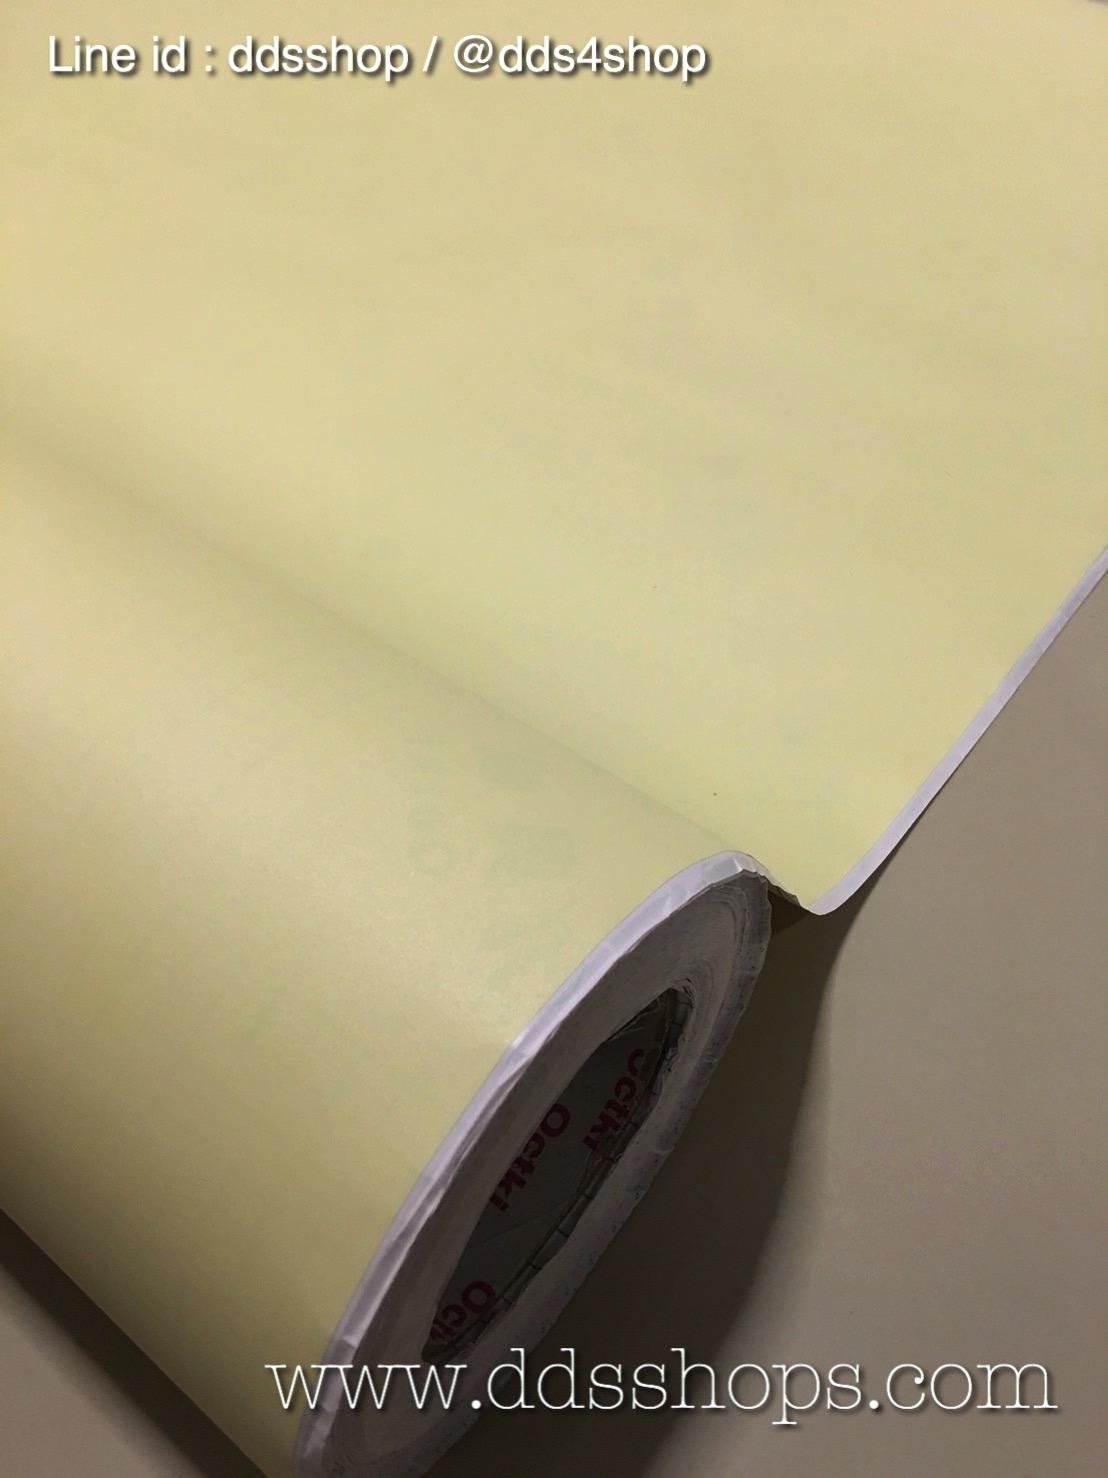 """Wallpaper Sticker วอลล์เปเปอร์แบบมีกาวในตัว """"ลายสีเหลือง"""" หน้ากว้าง 1.22m ตัดขายตามความยาว เมตรละ 200 บาท"""